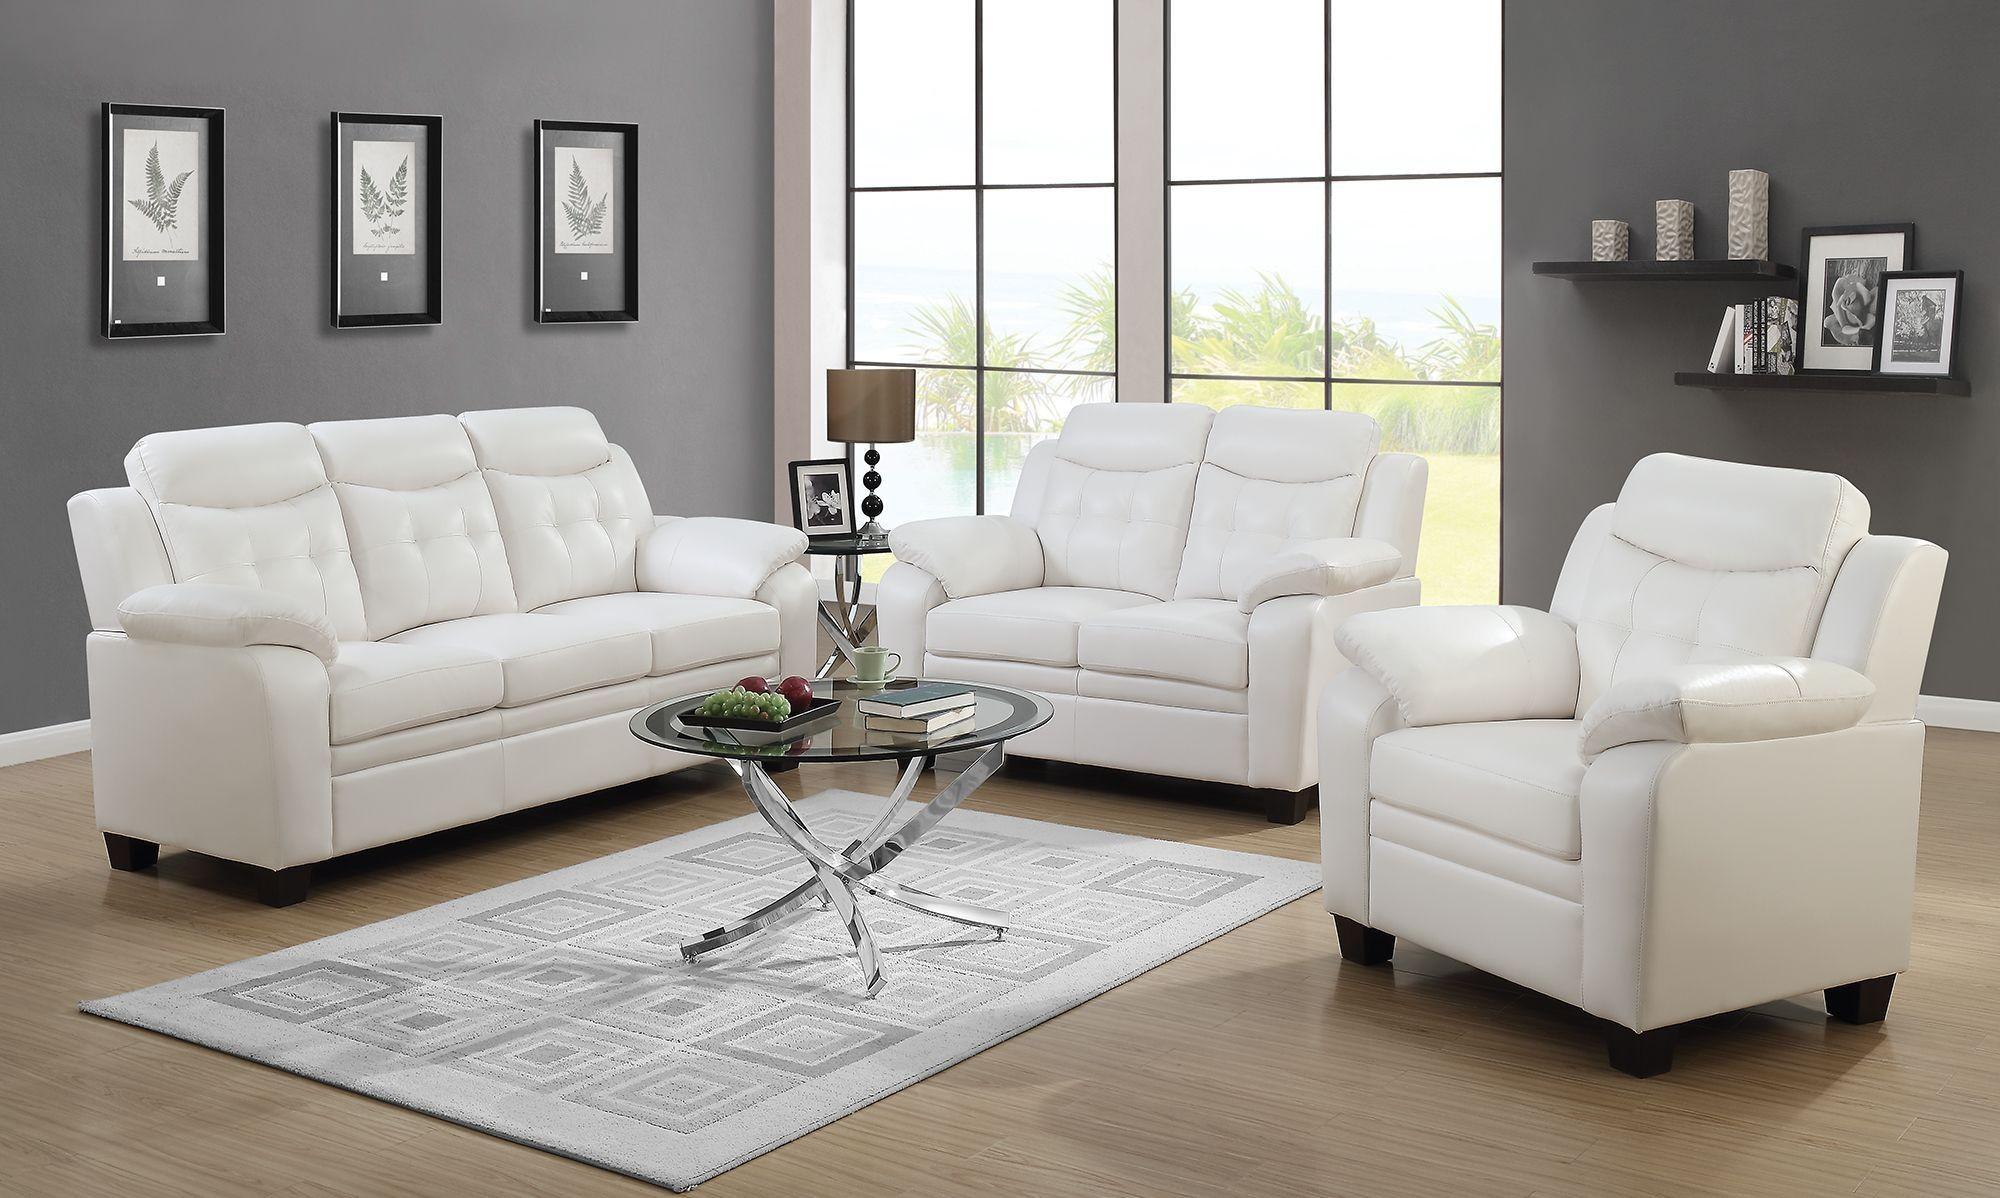 White Living Room Set